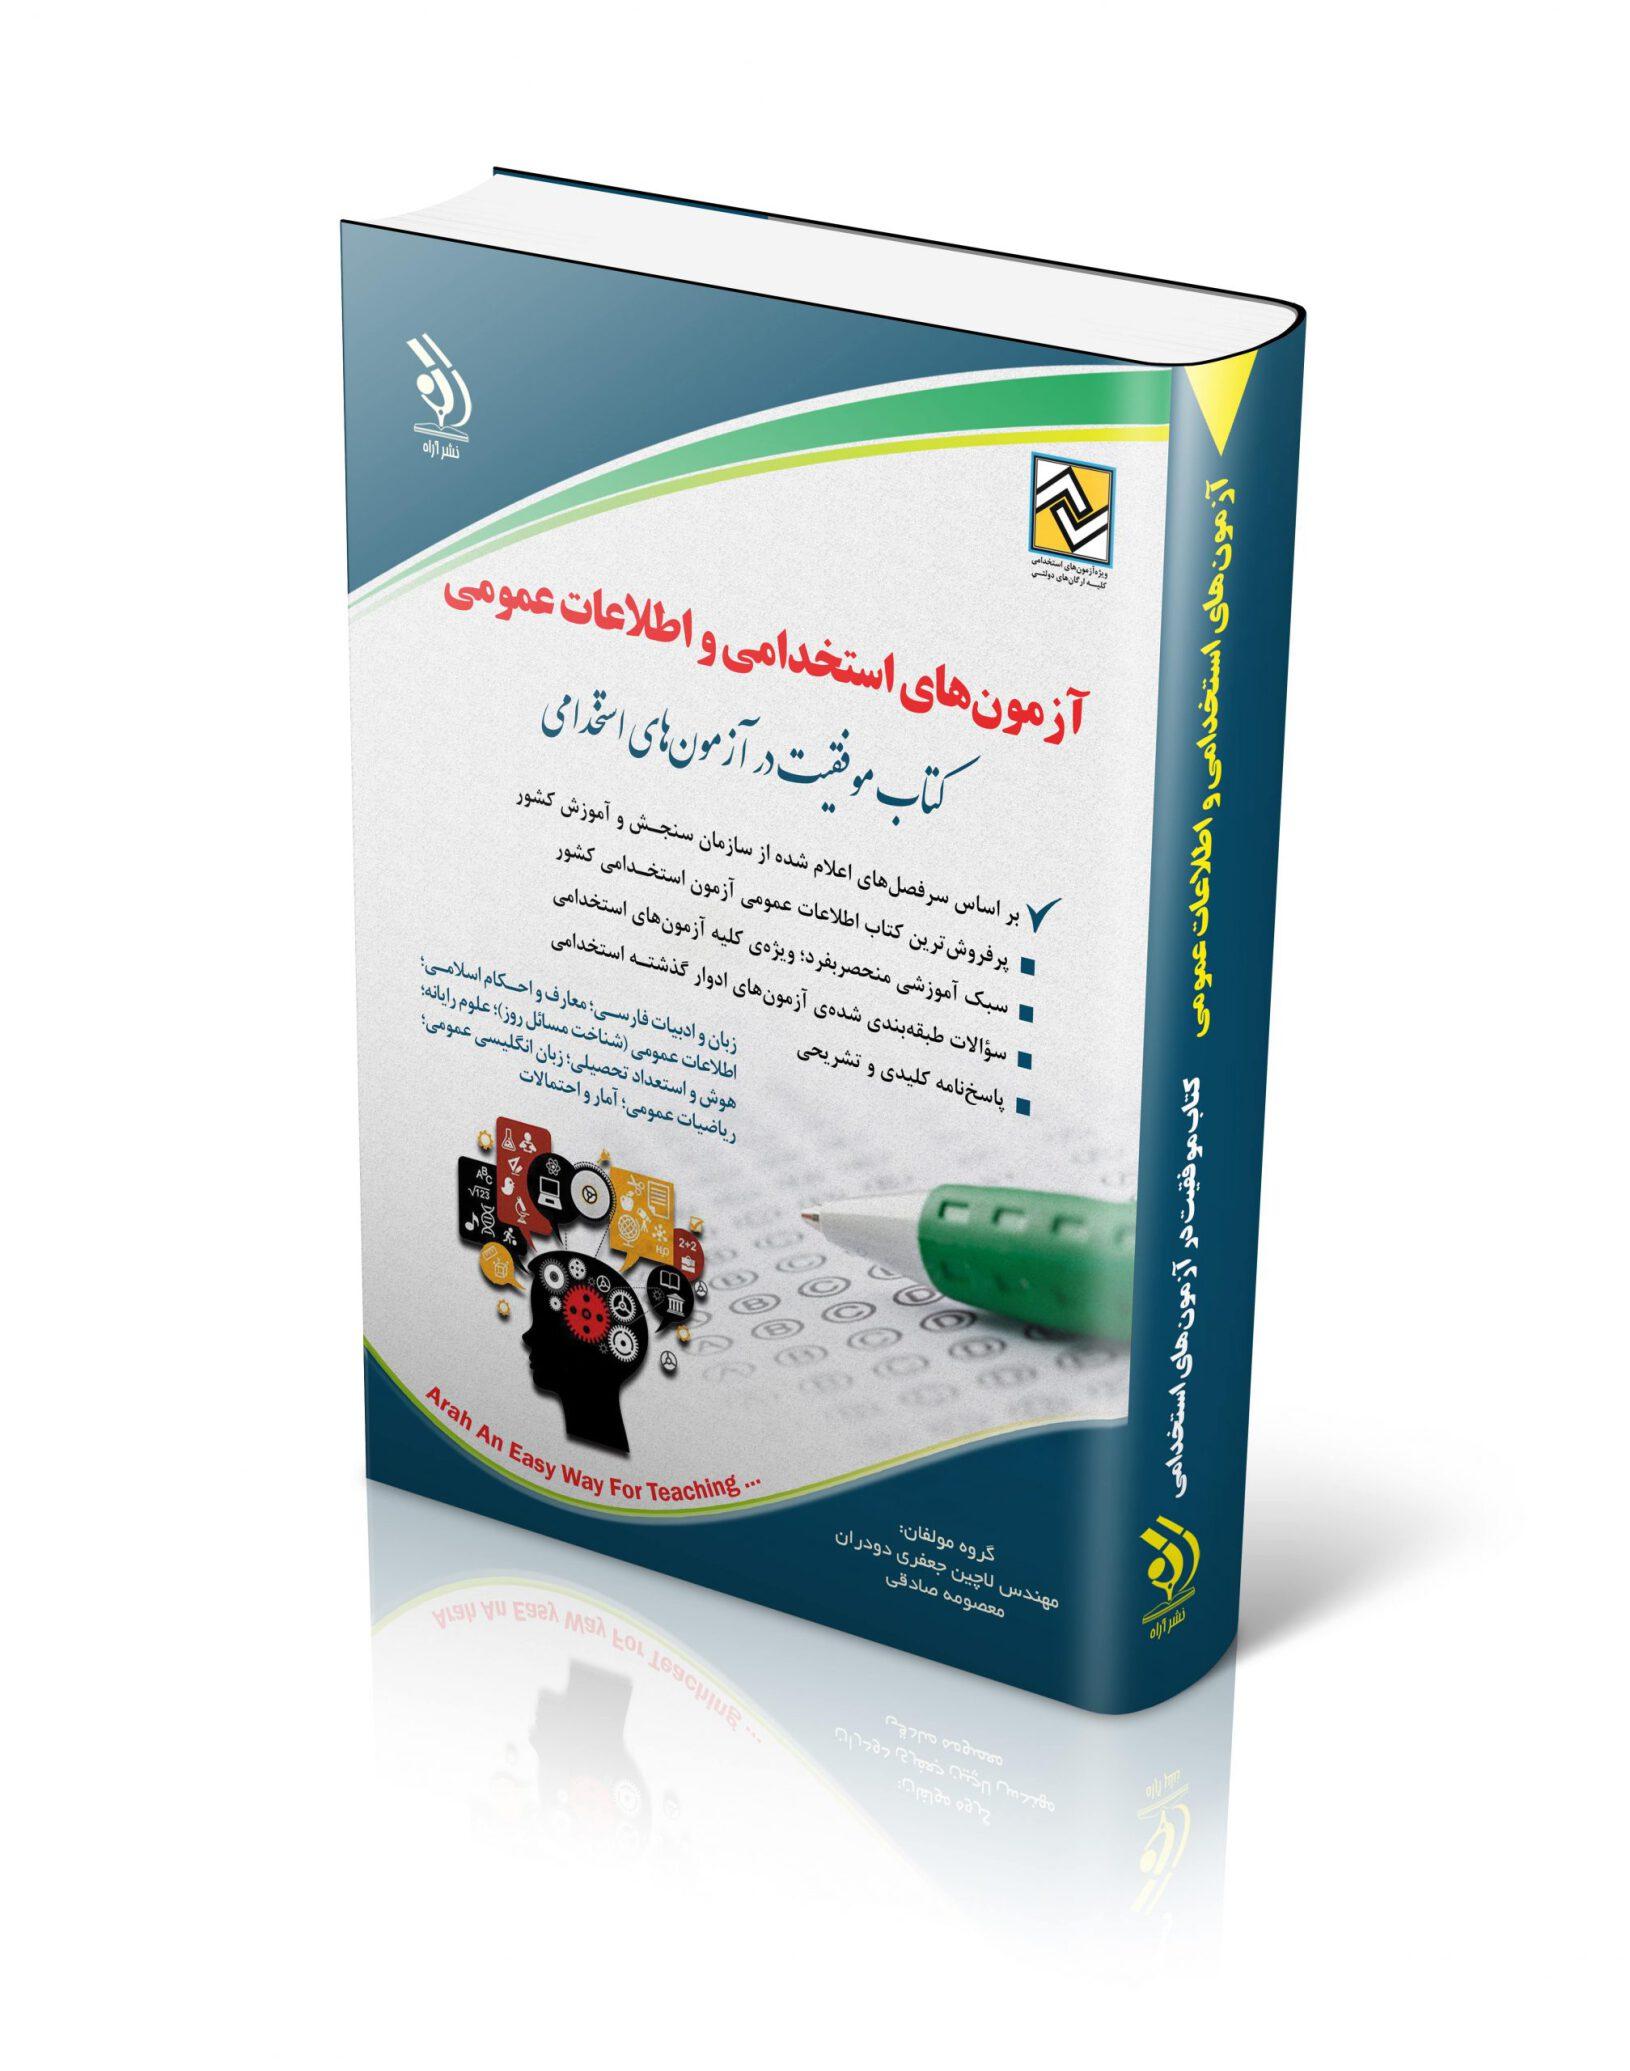 کتاب آزمون های استخدامی و اطلاعات عمومی